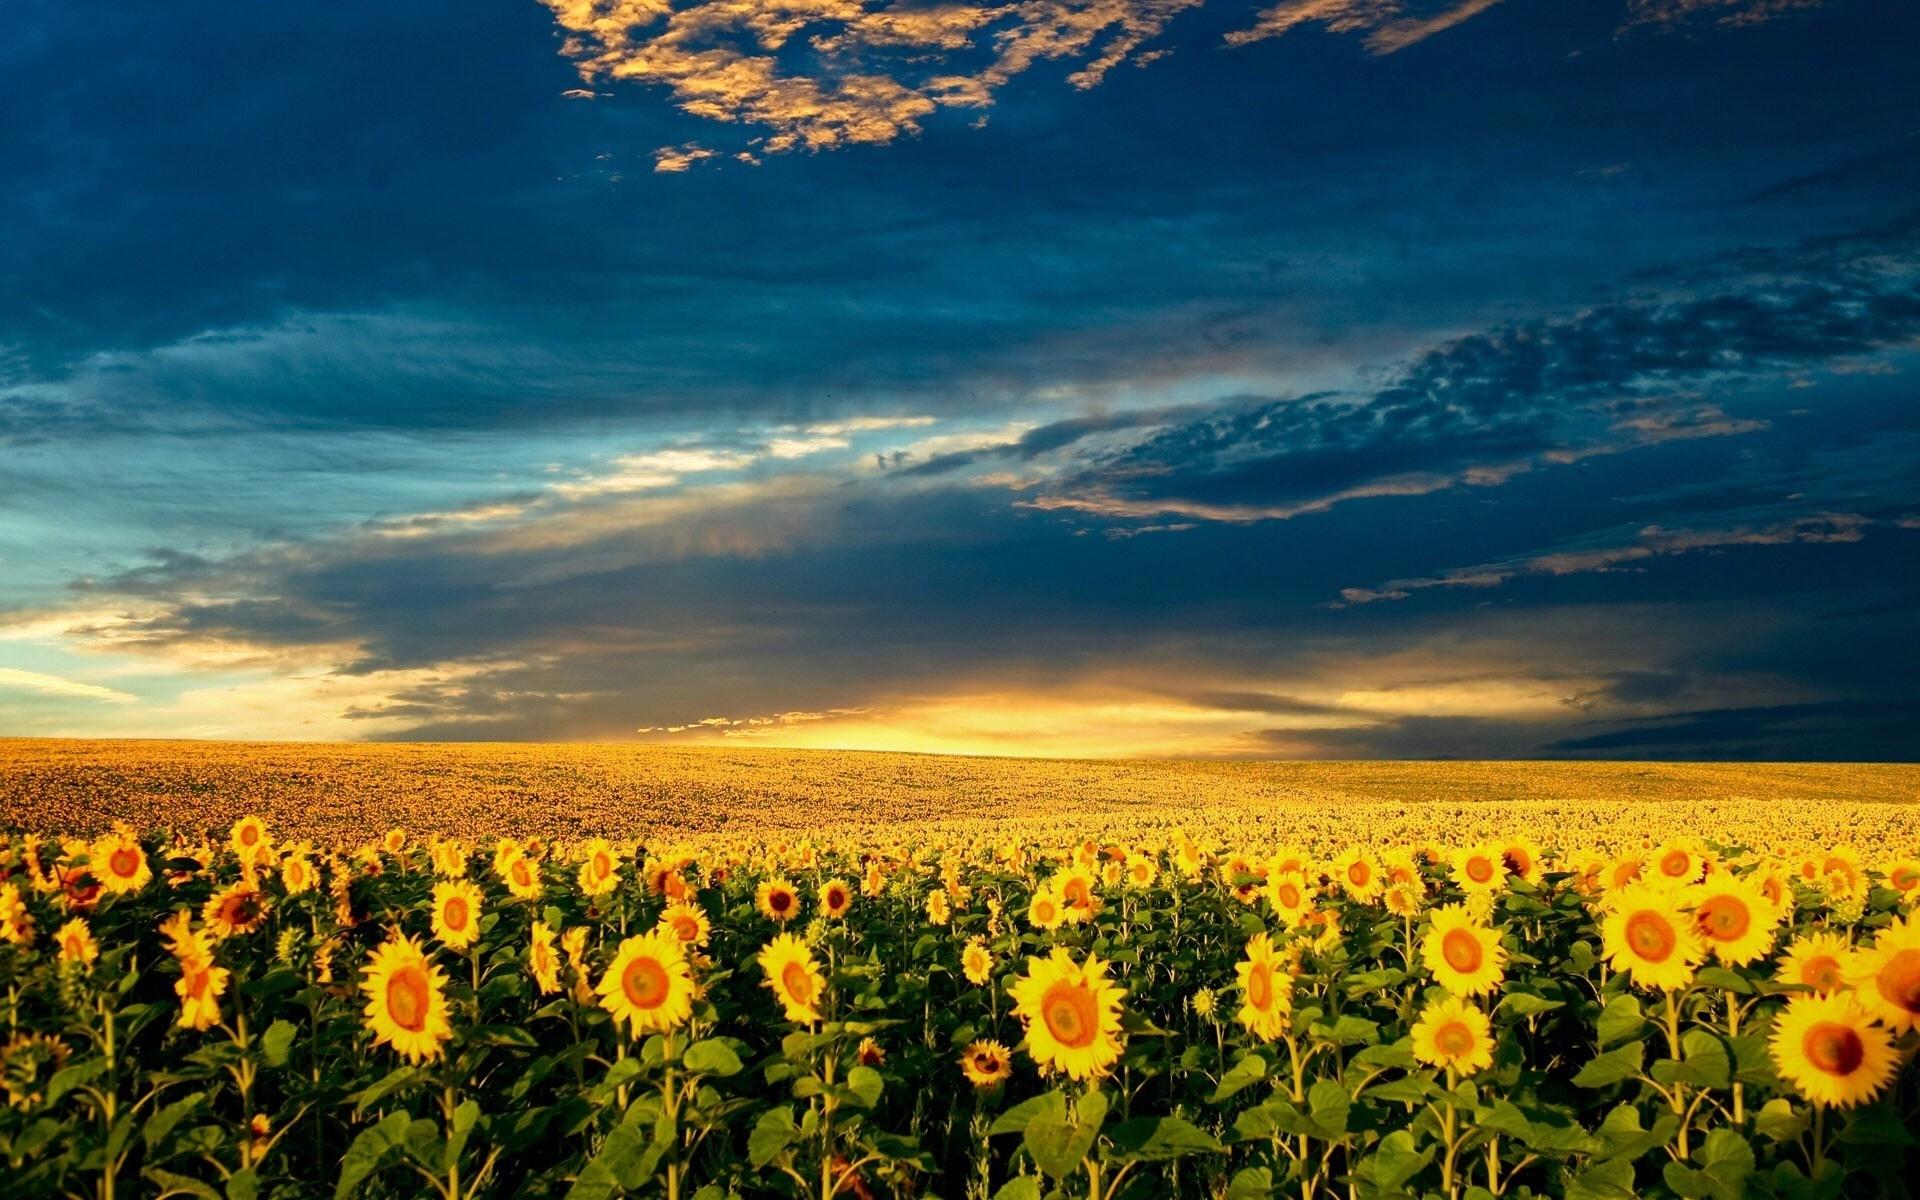 Скачать картинку Подсолнухи, Поля, Пейзаж, Природа в телефон бесплатно.